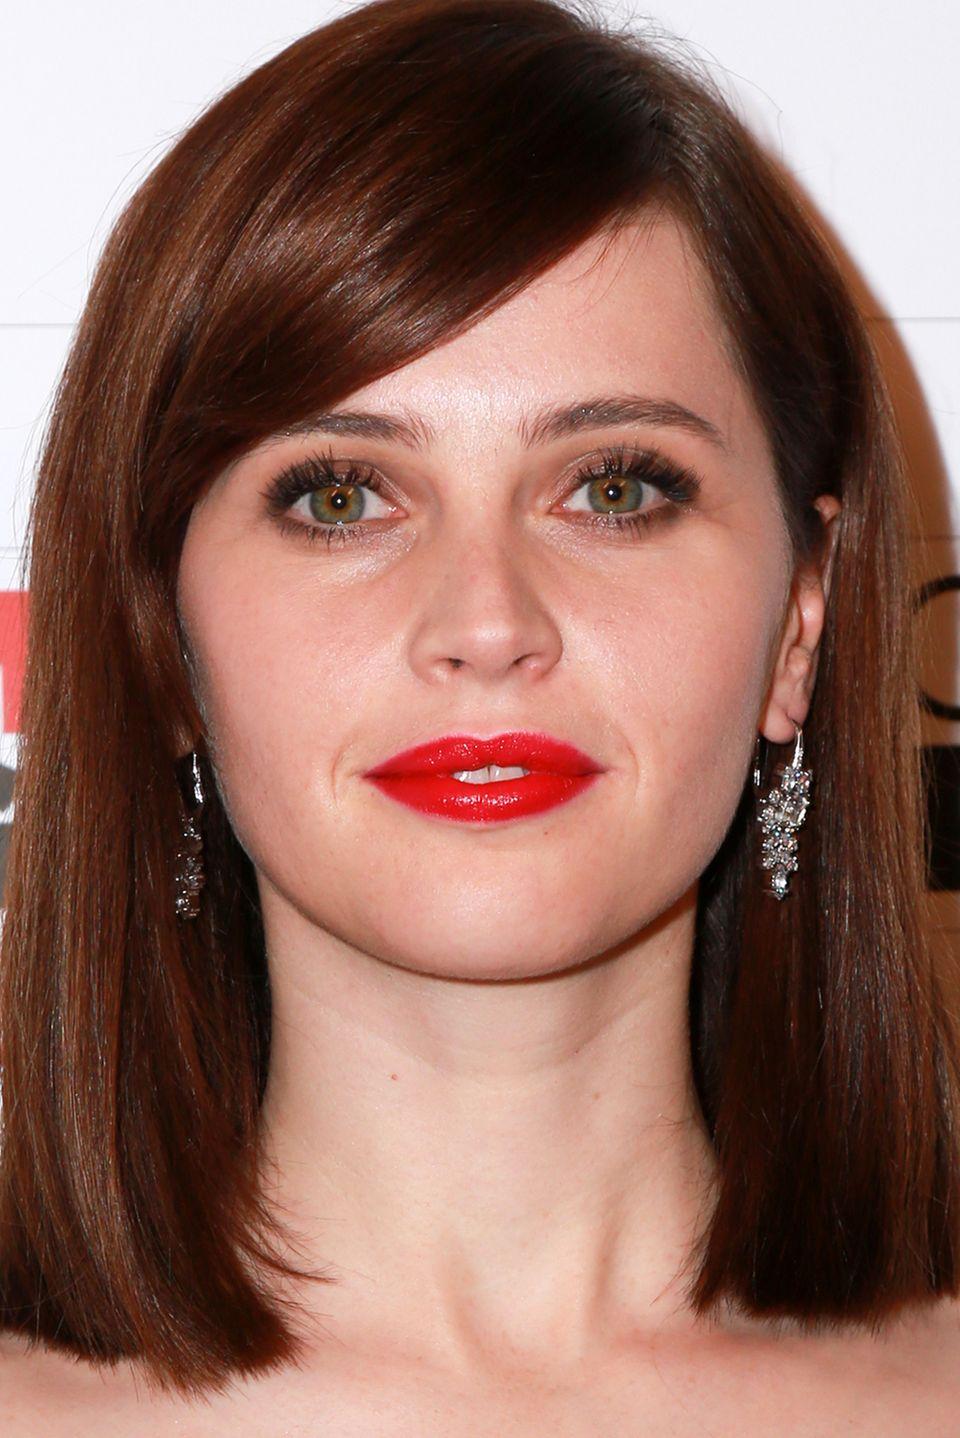 Die tropfenförmigen, mit Diamanten besetzten Ohrhänger von Felicity Jones verleihen ihrem eleganten Make-up-Look den letzten Schliff.